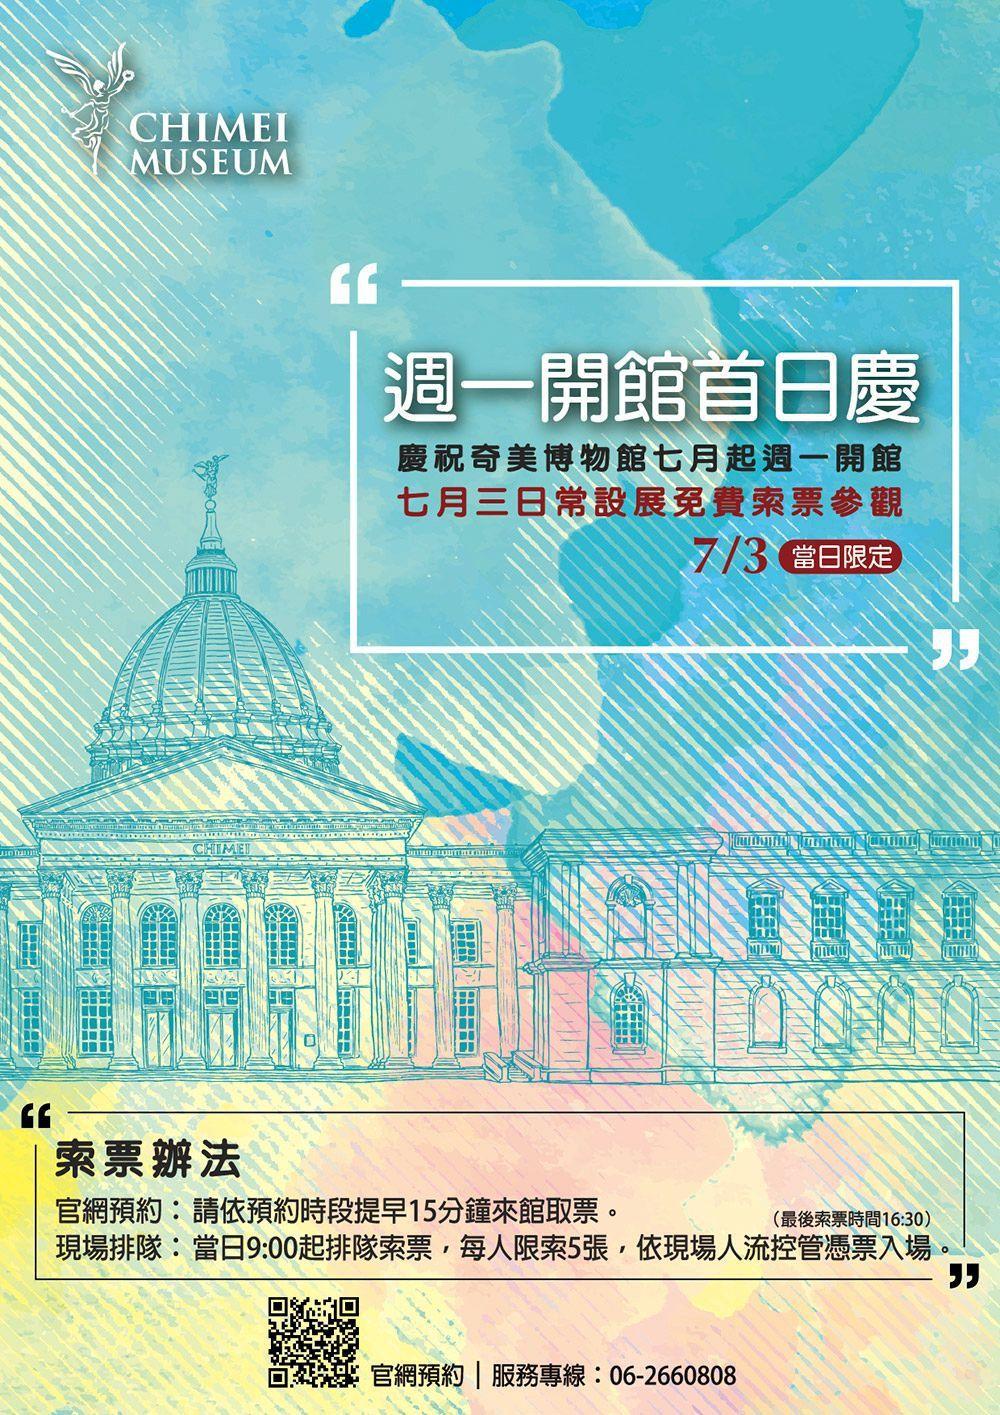 奇美博物館推出周一開館首日慶活動,當天開放免費參觀。記者周宗禎/翻攝